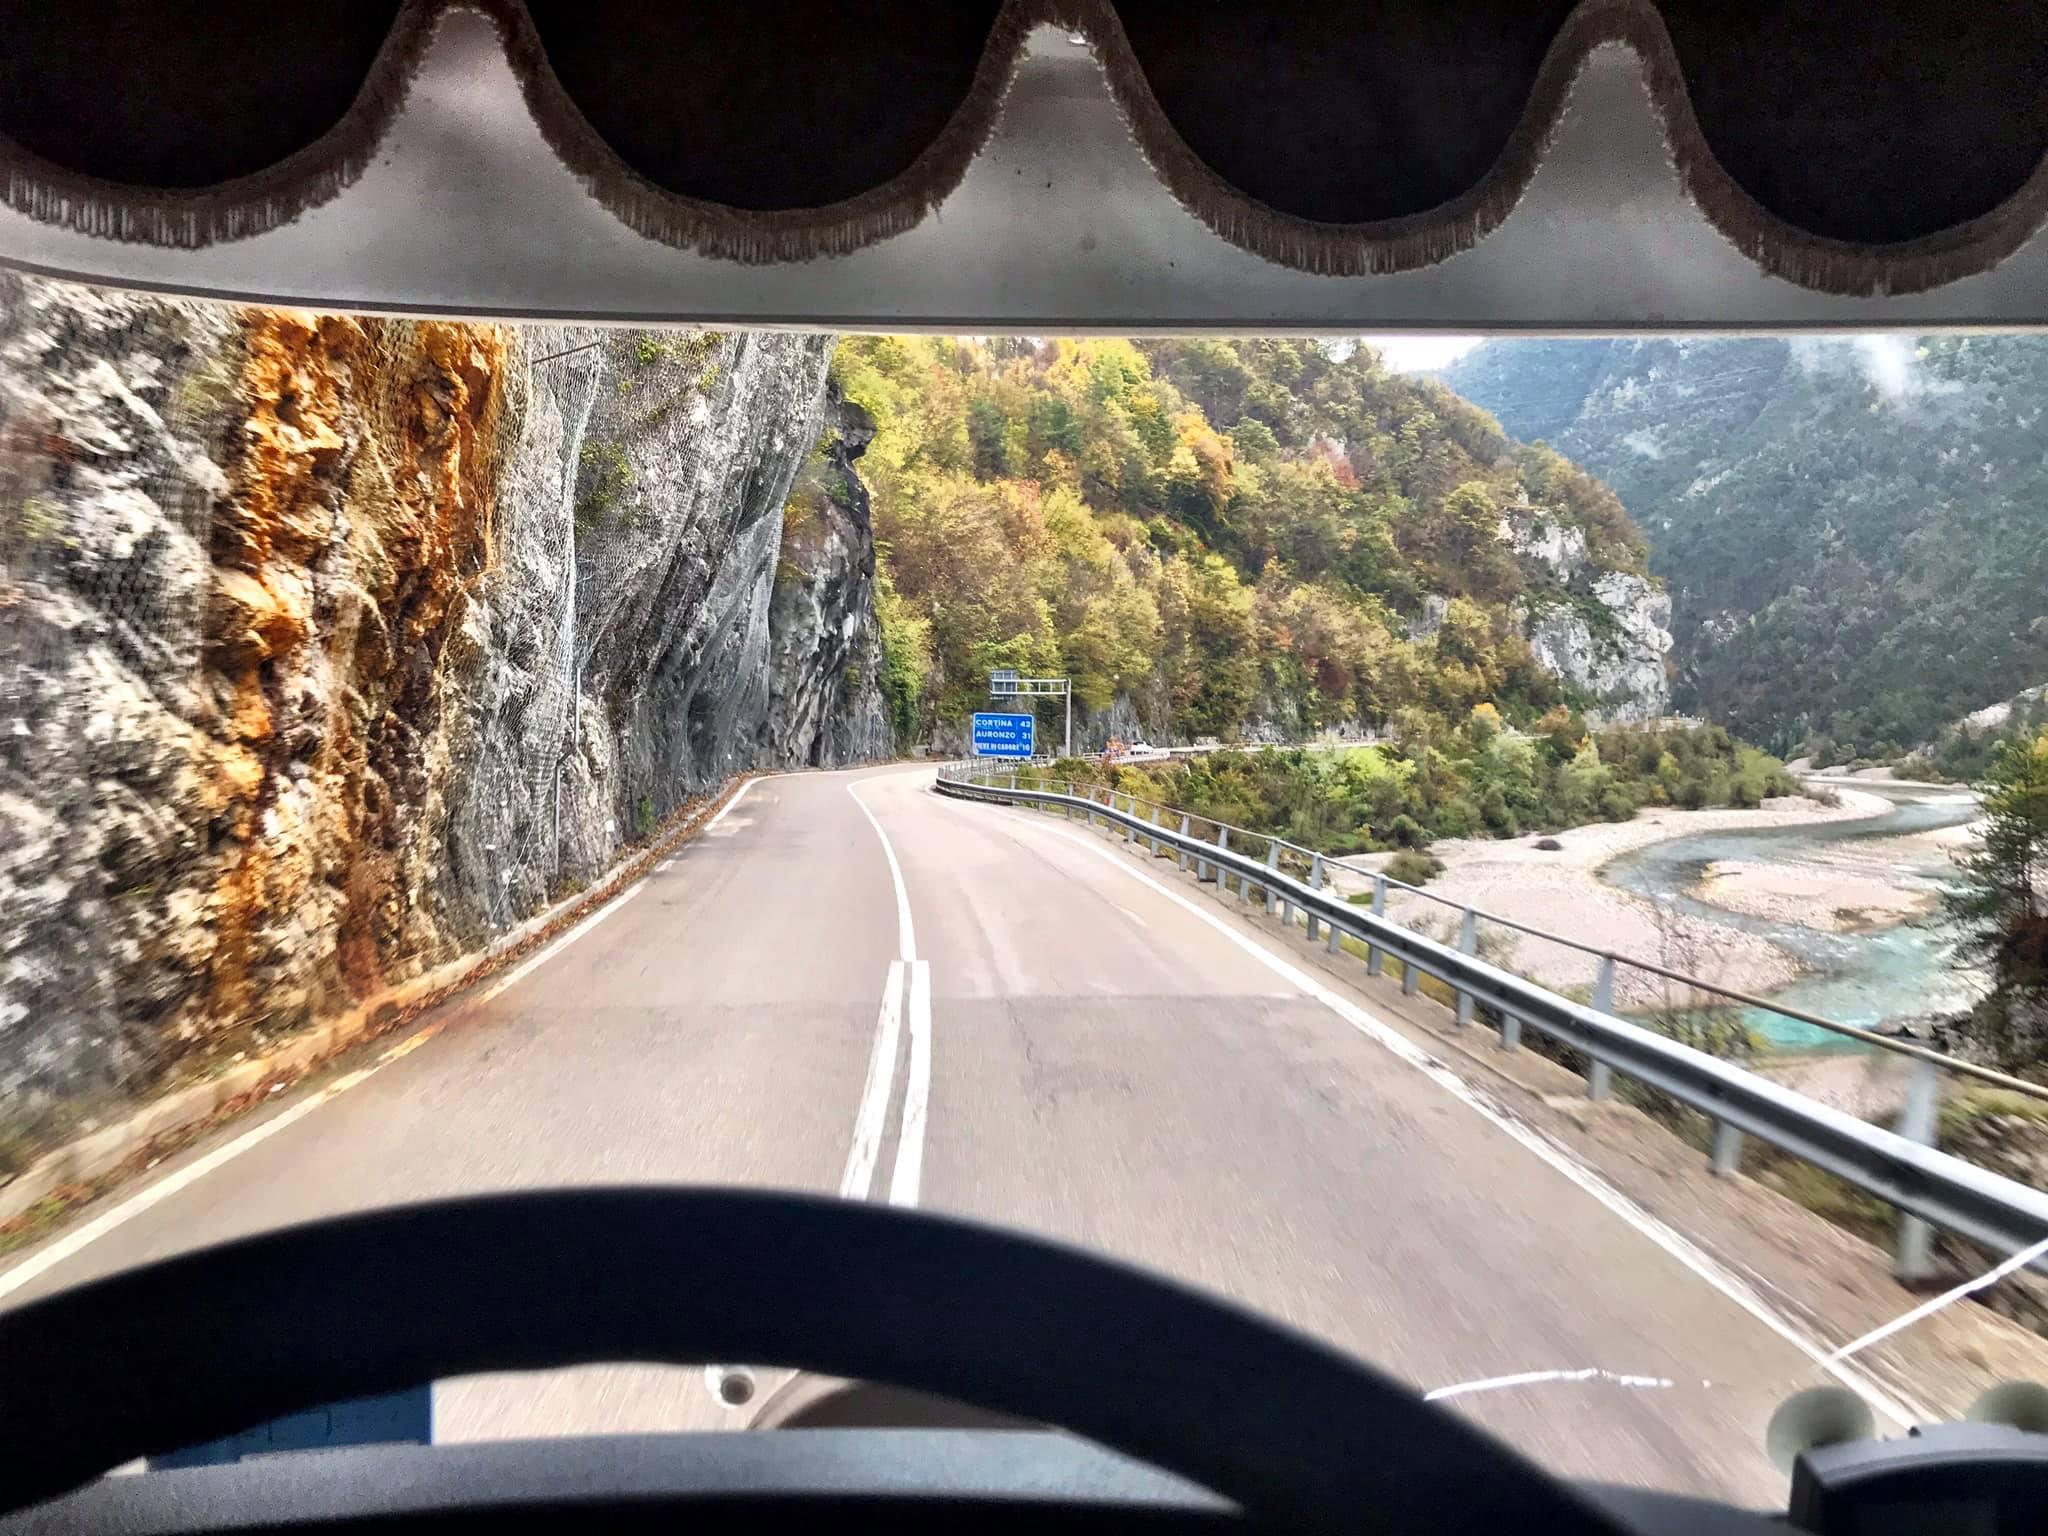 Pols-Sie-in-noord-Italie--30-10-209-12